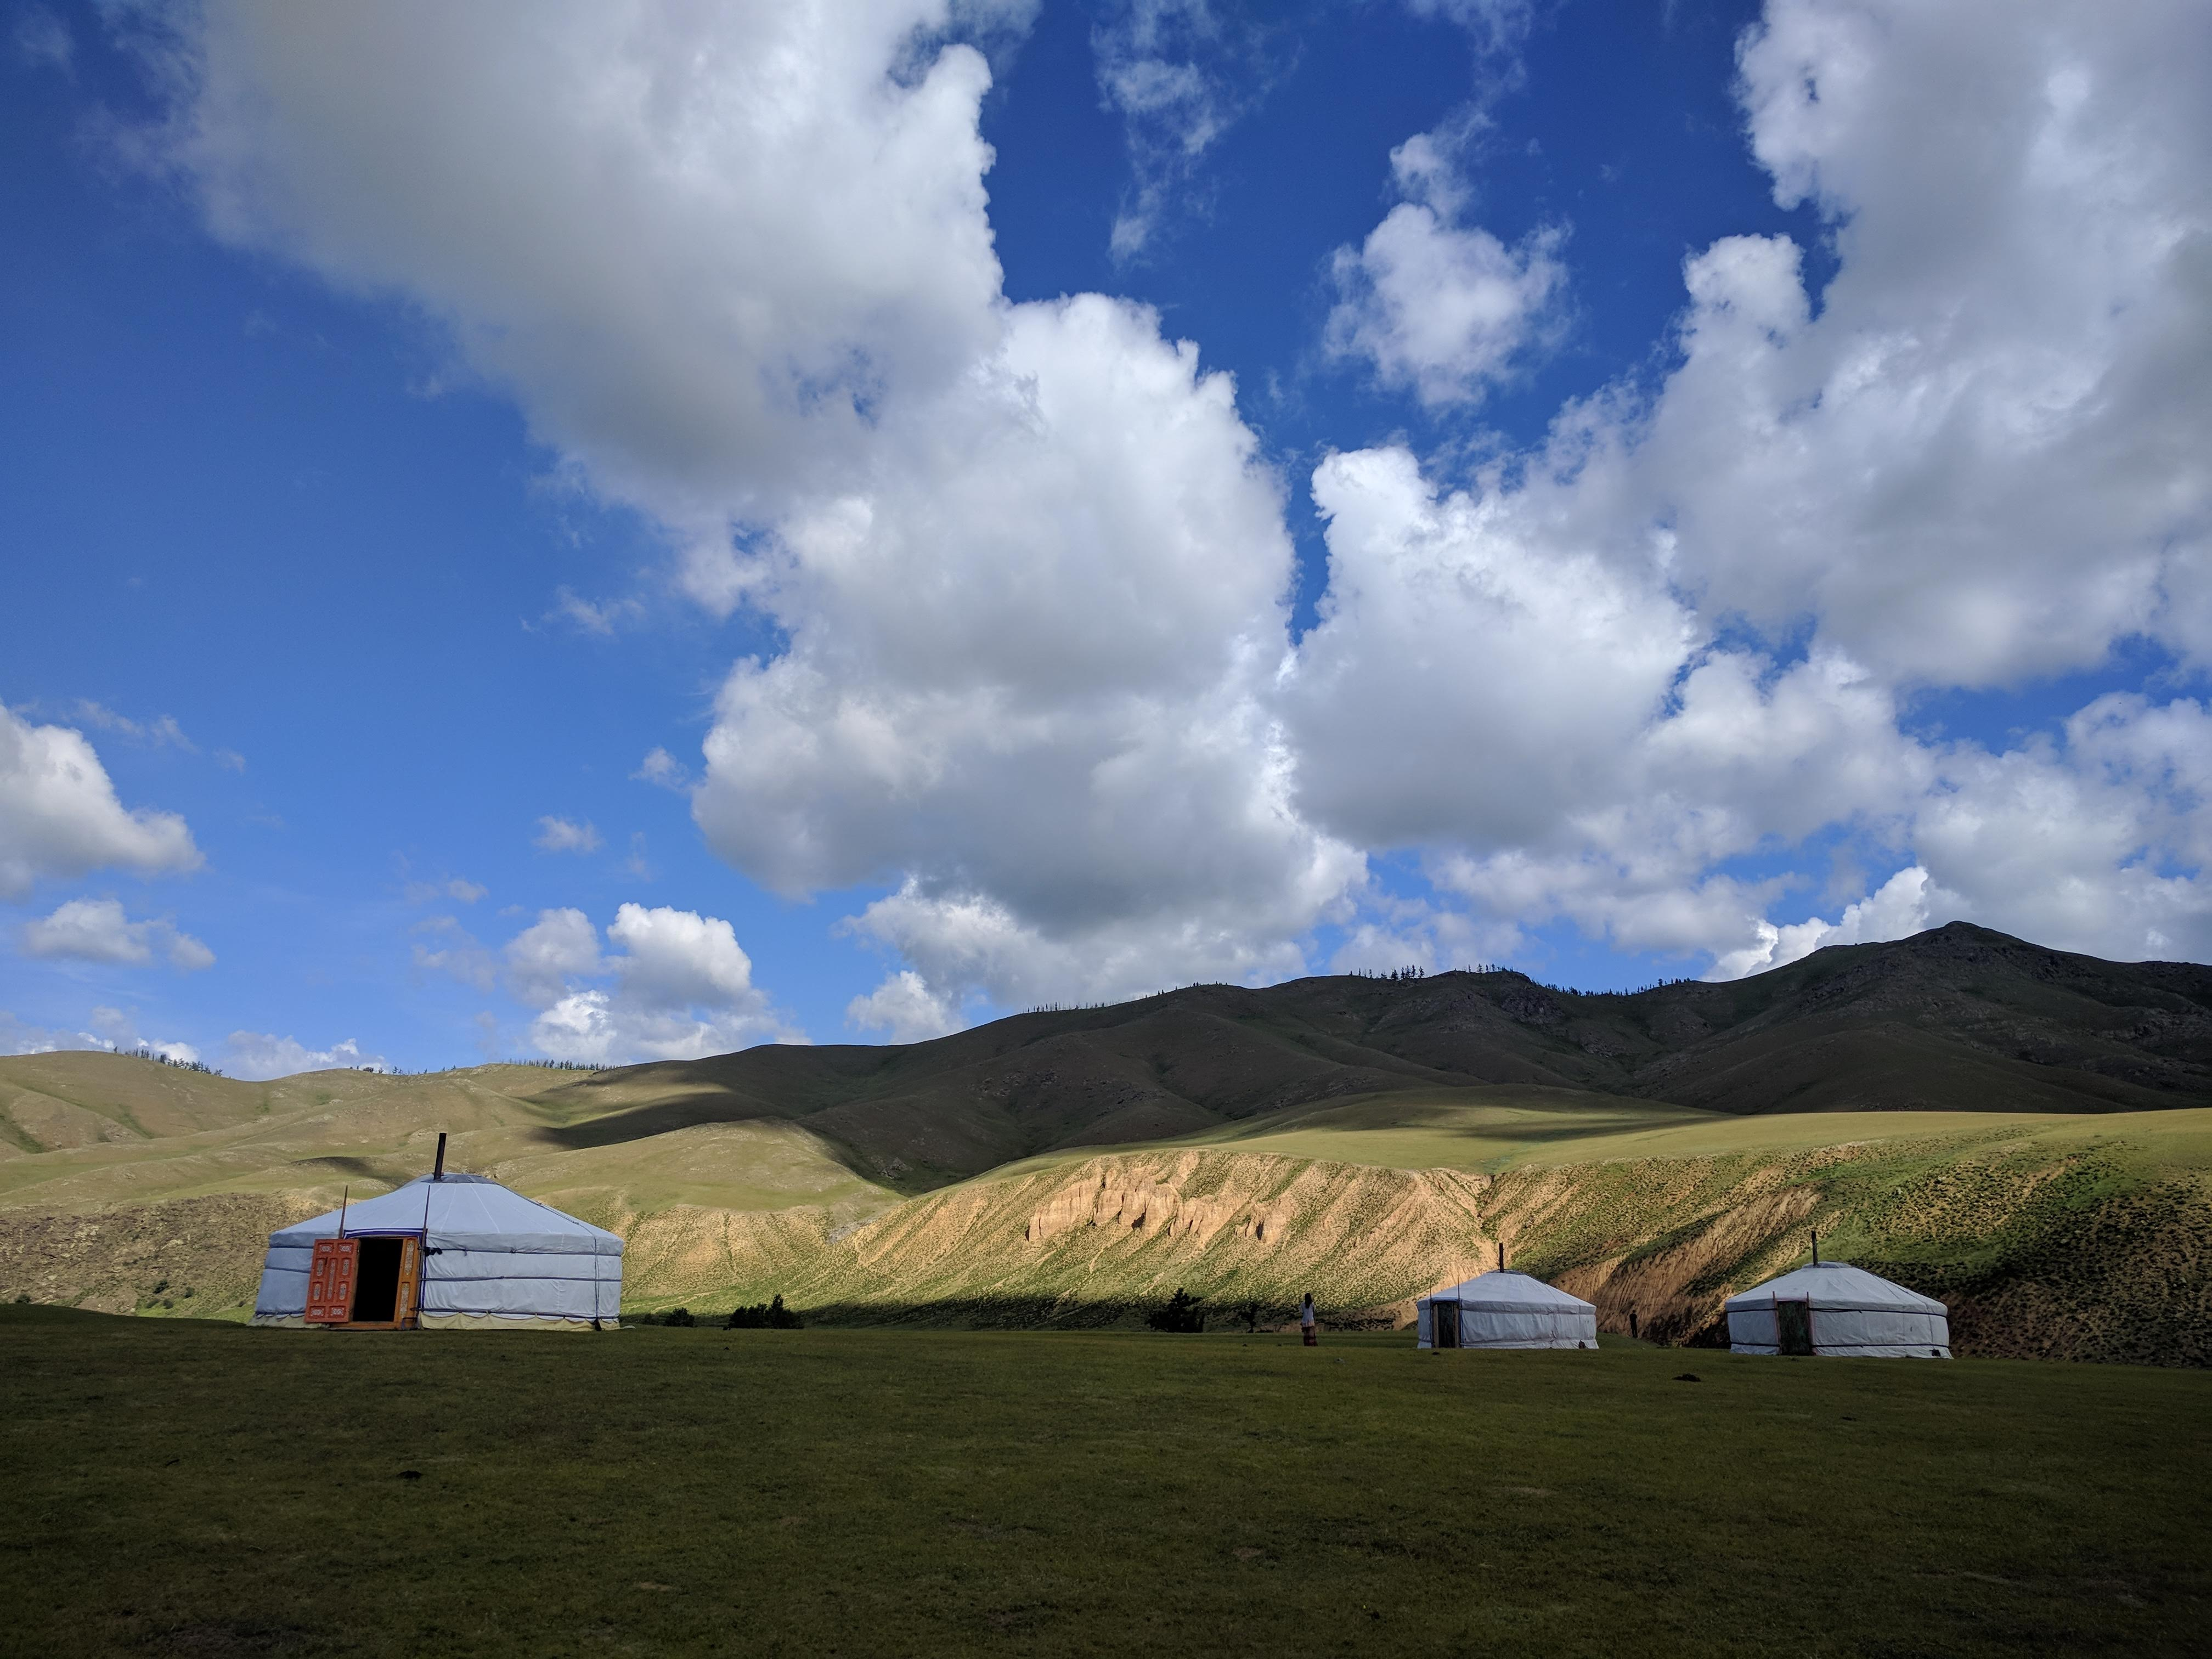 Na tien dagen, onze laatste stop: 'Orkhon Valley'. Na een uitermate hobbelige tocht arriveerden we met enkele busjes samen vrij laat bij een nomadische familie, ver in de vallei. Deze vallei ligt centraal in Mongolië en de overvloedige aanwezigheid van water zorgt voor een groen, vruchtbaar landschap.